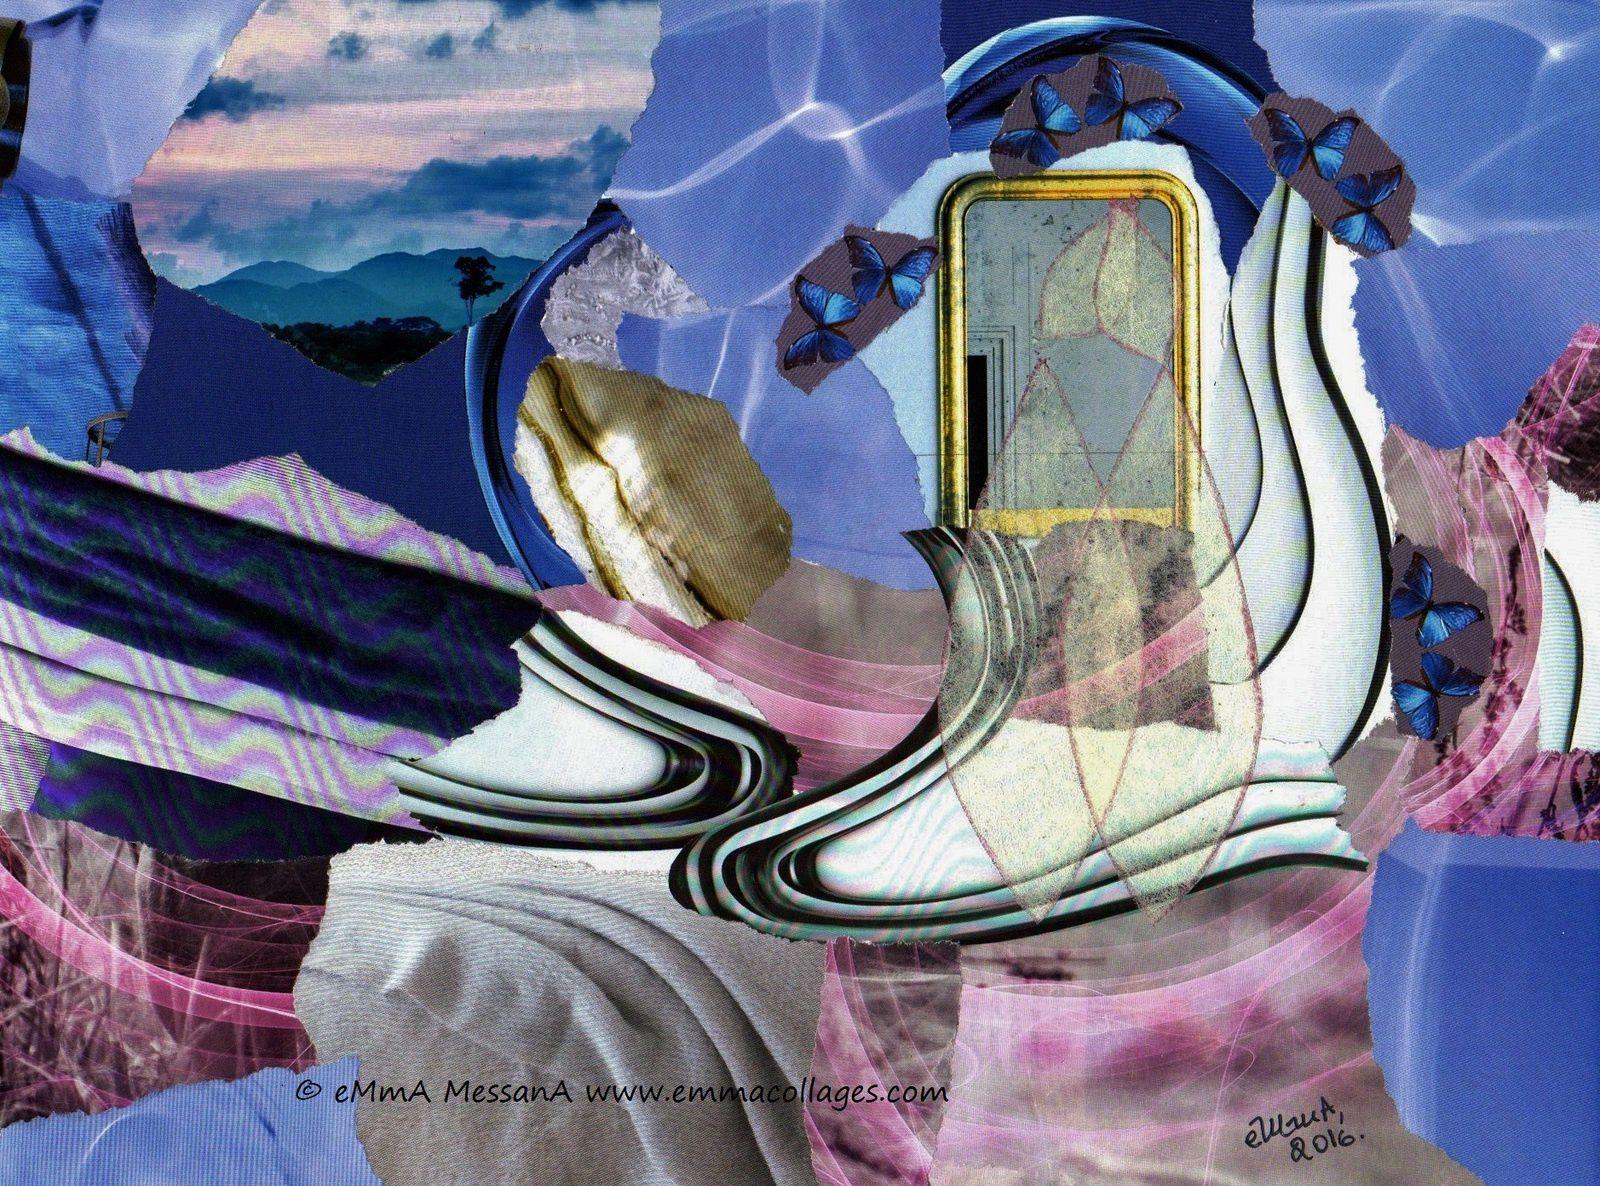 """Les Collages d'eMma MessanA, collage """"La transmarence du miroir"""", pièce unique"""